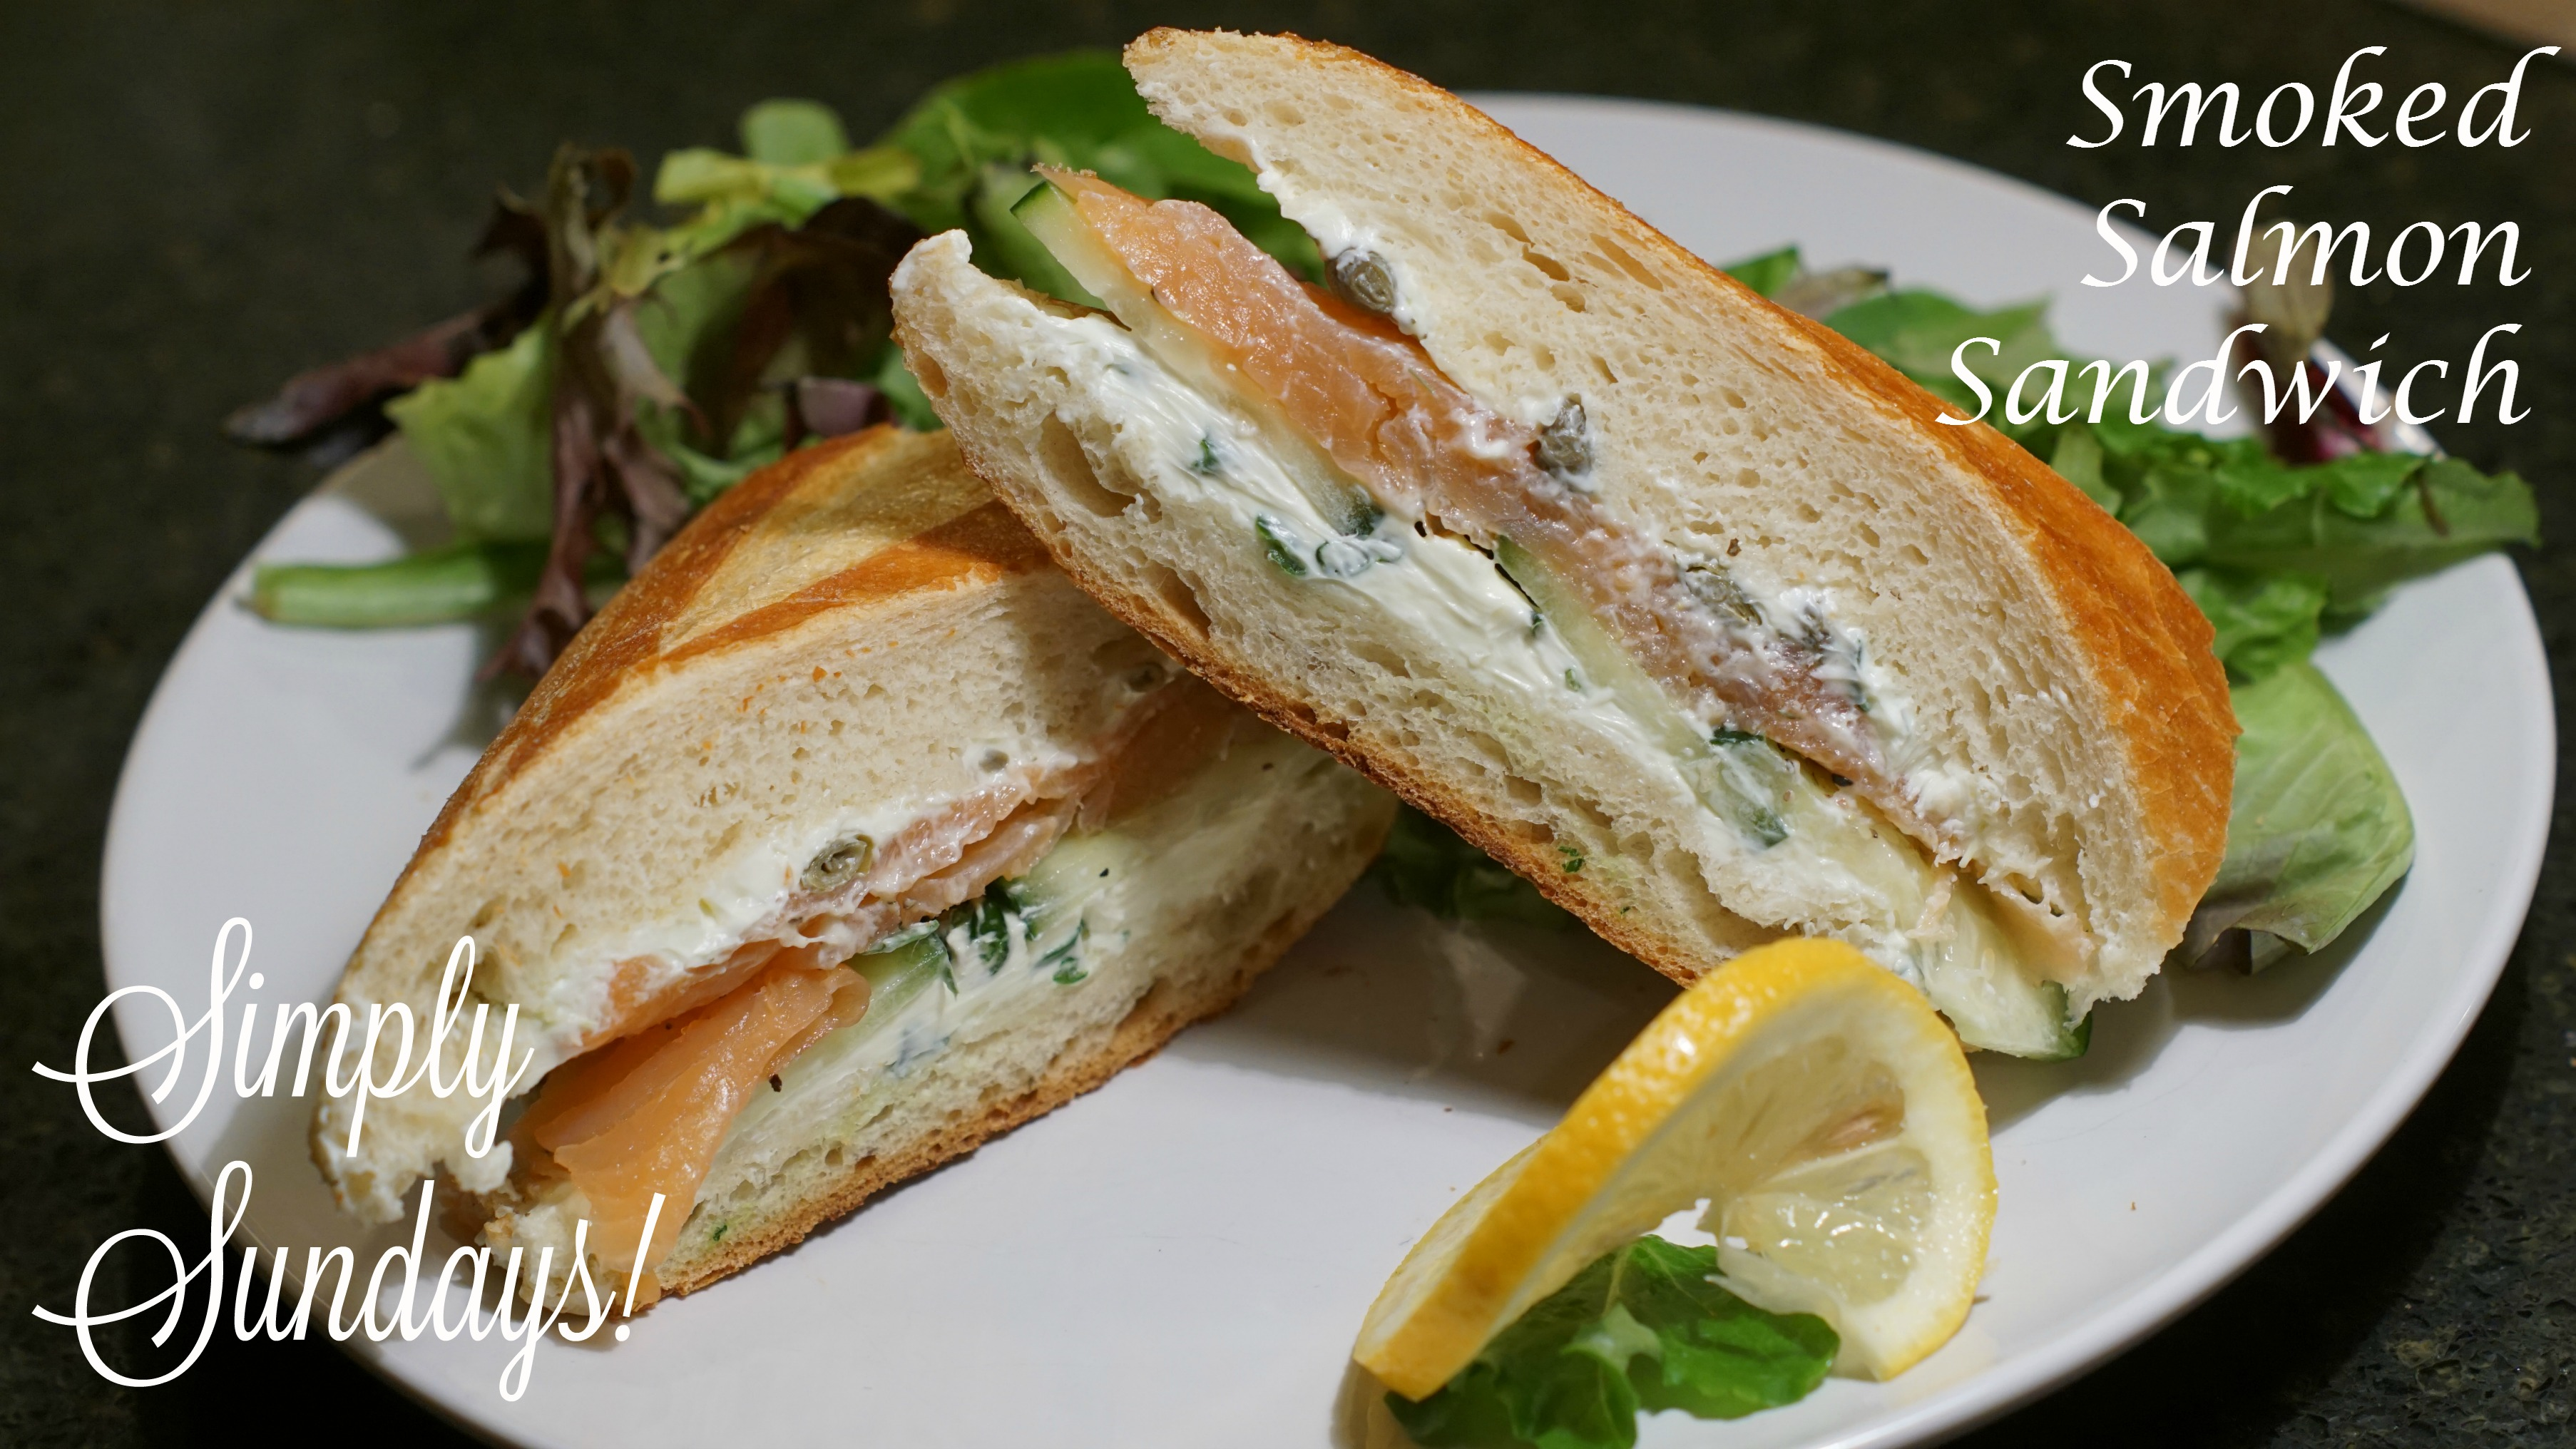 Smoked Salmon Sandwiches Simply Sundays